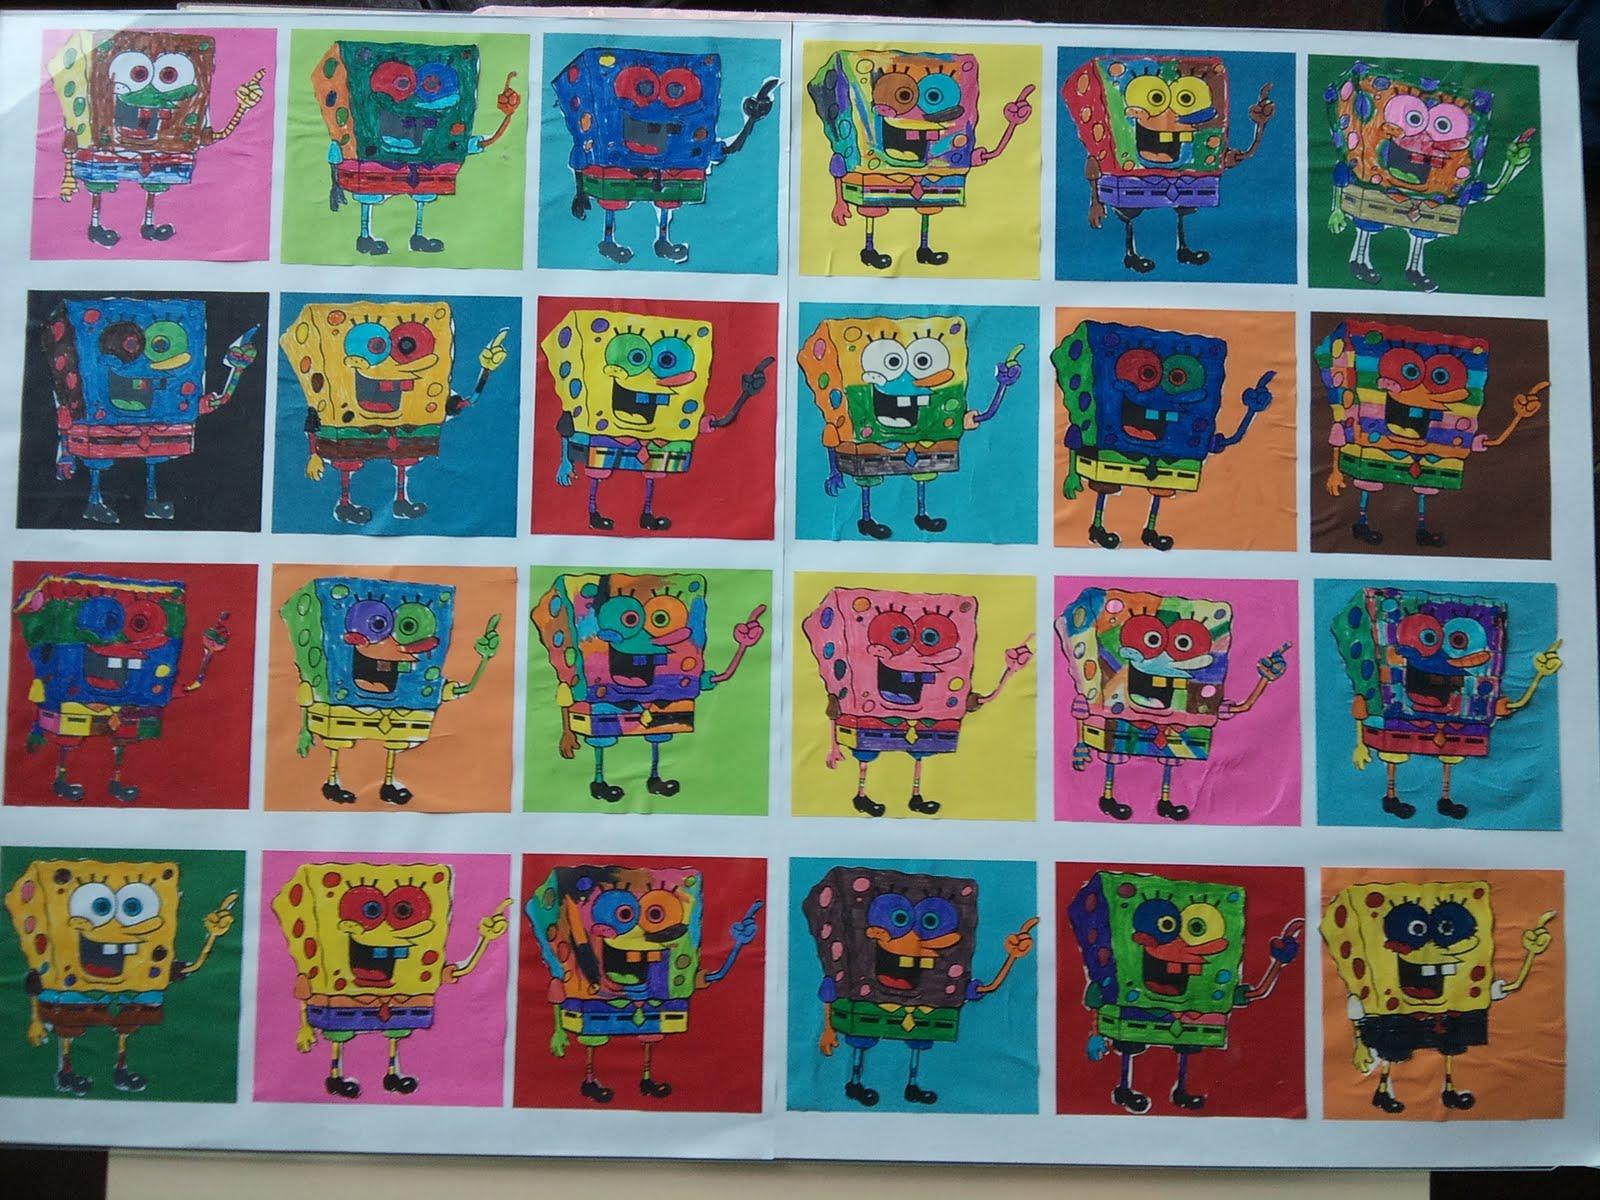 Anregungen für den Kunstunterricht in der Grundschule